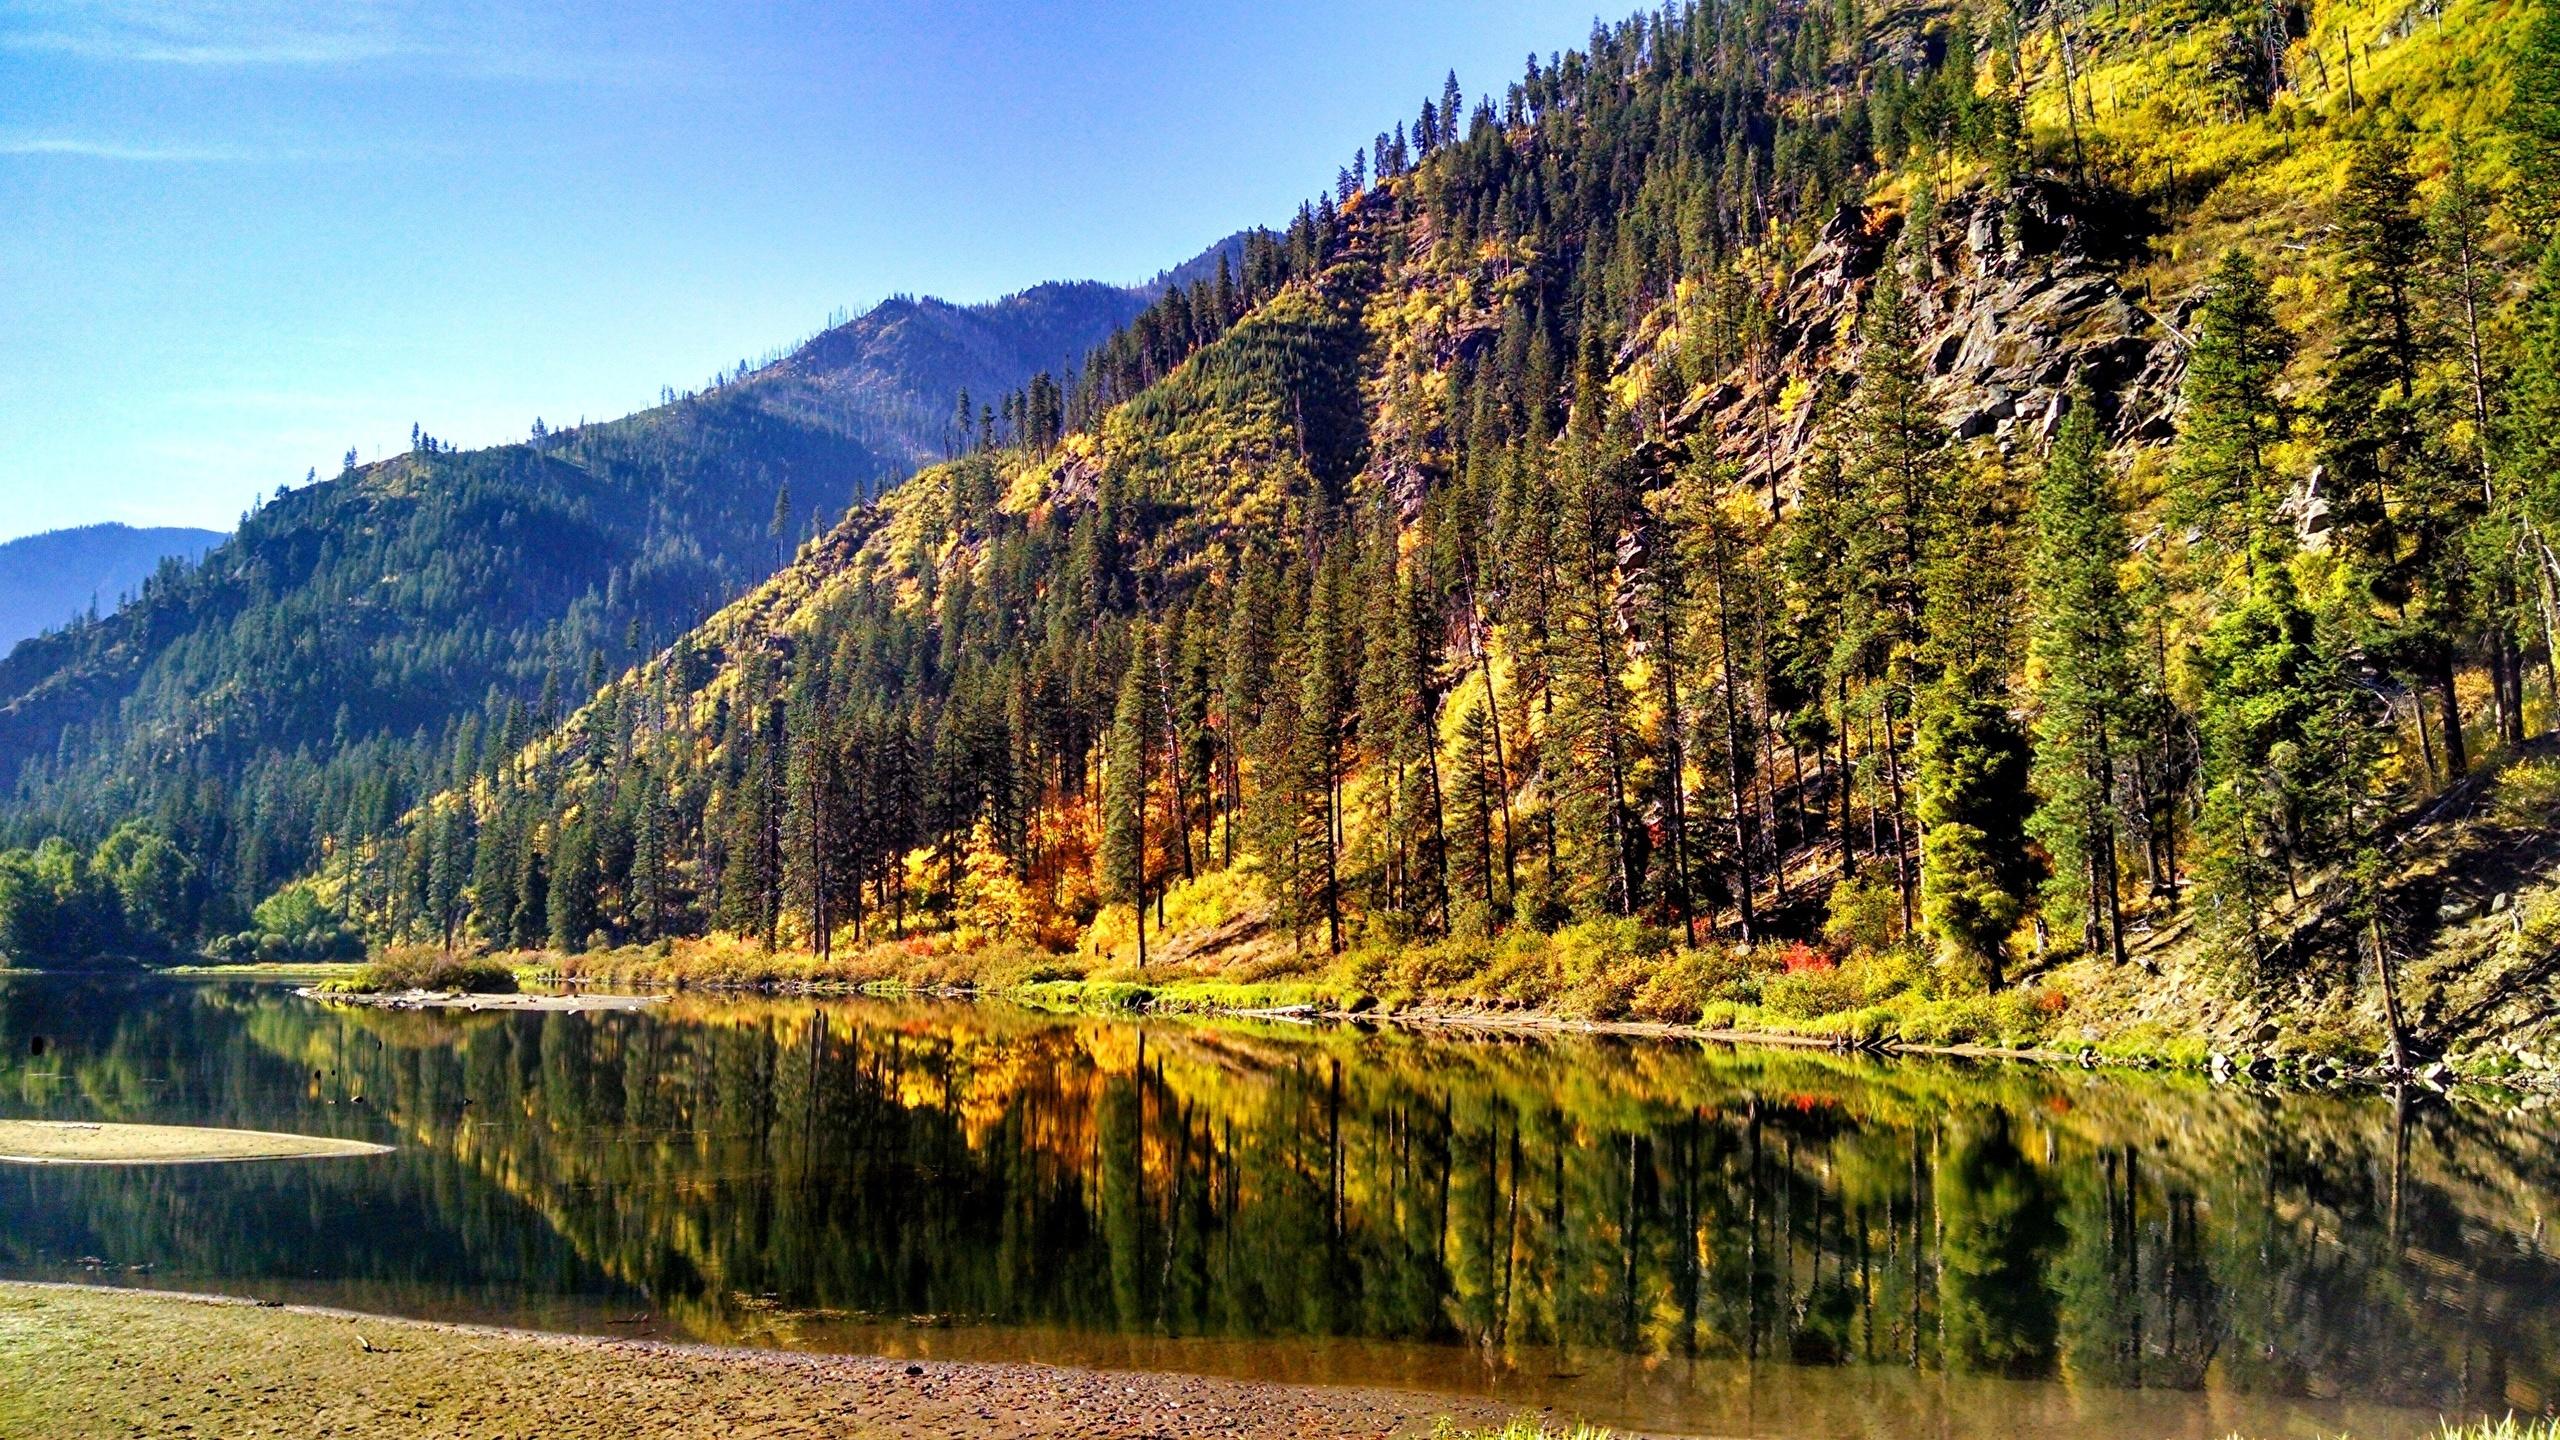 壁紙 2560x1440 アメリカ合衆国 秋 風景写真 山 森林 湖